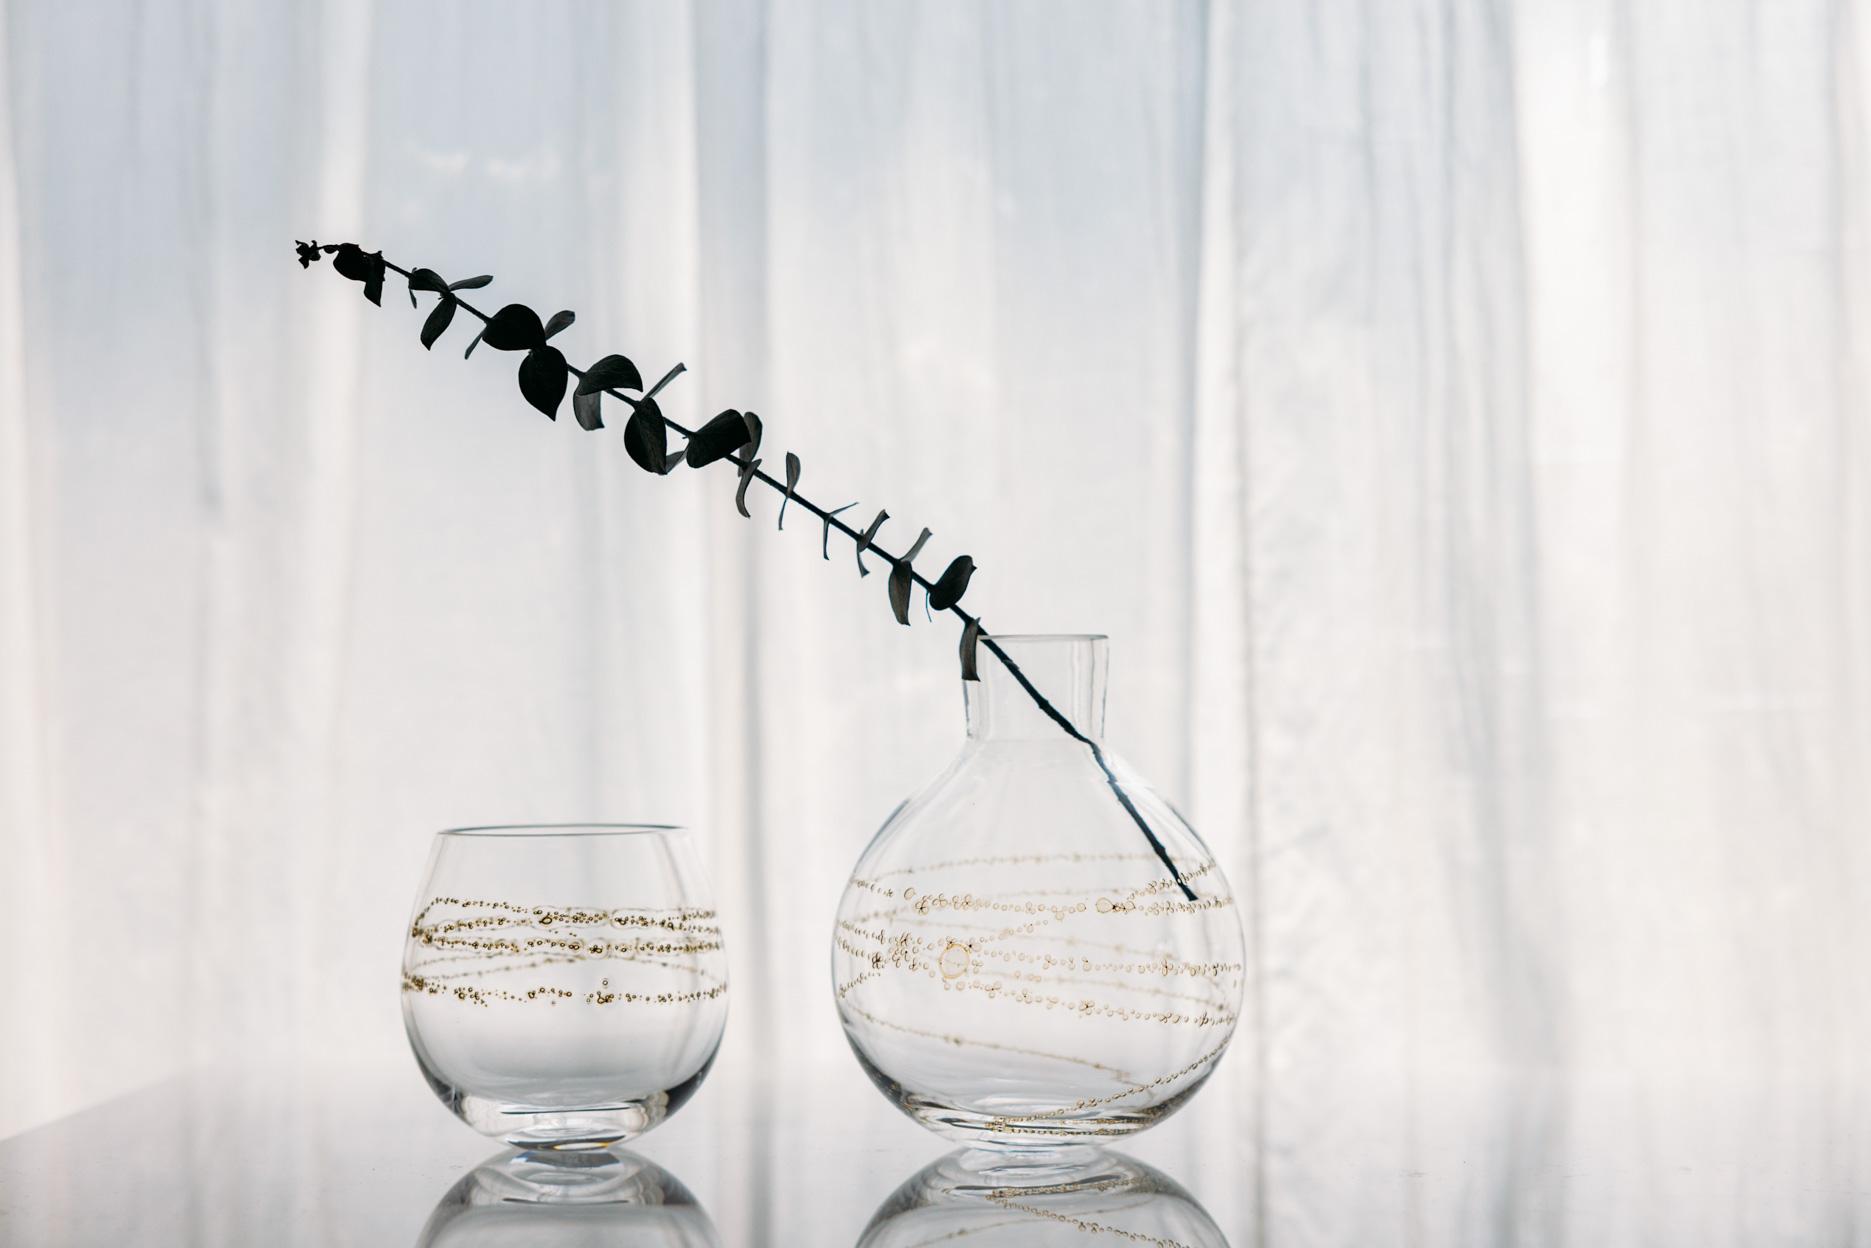 曽田伸子 通販 ガラス 作品